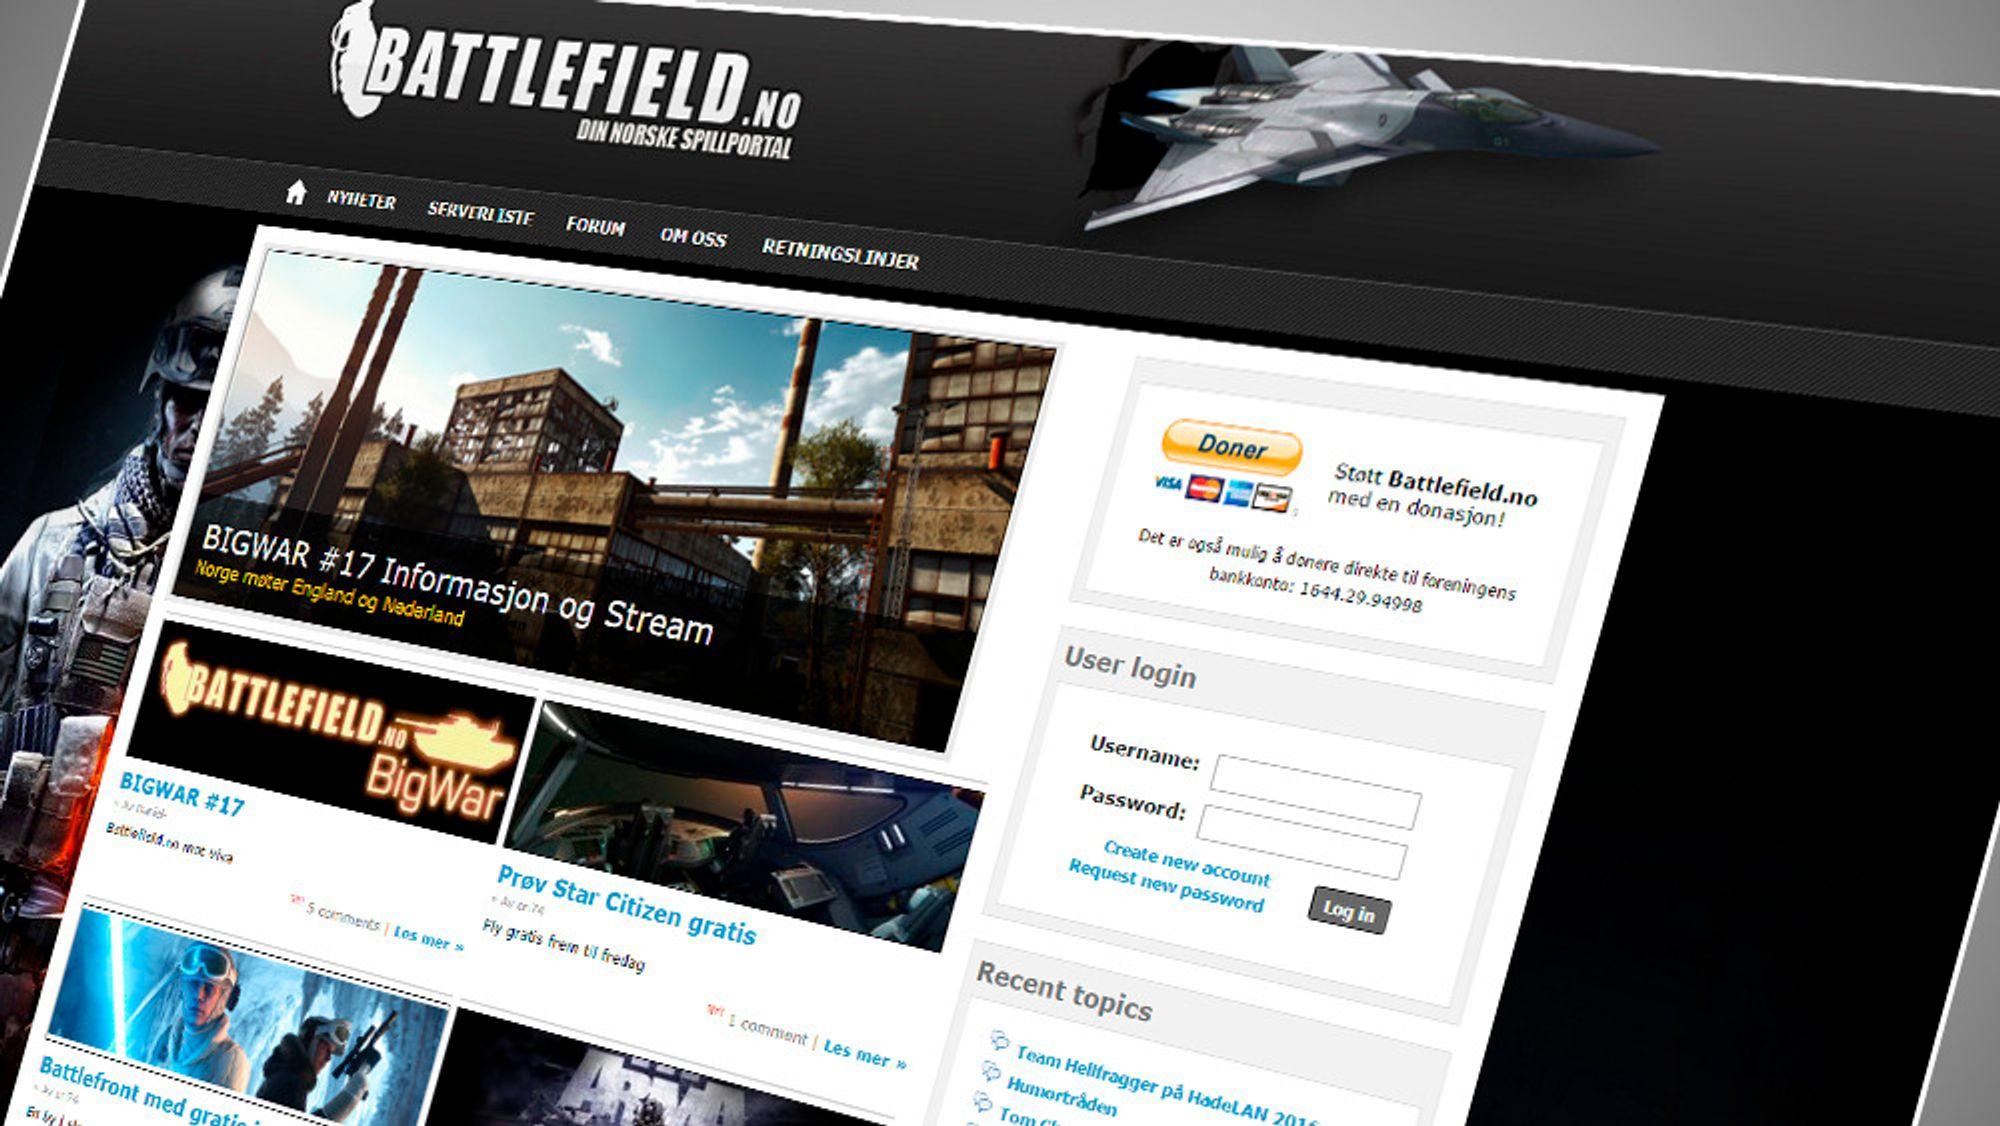 Battlefield.no og flere andre norske spillsamfunn står i fare for å bli lagt ned